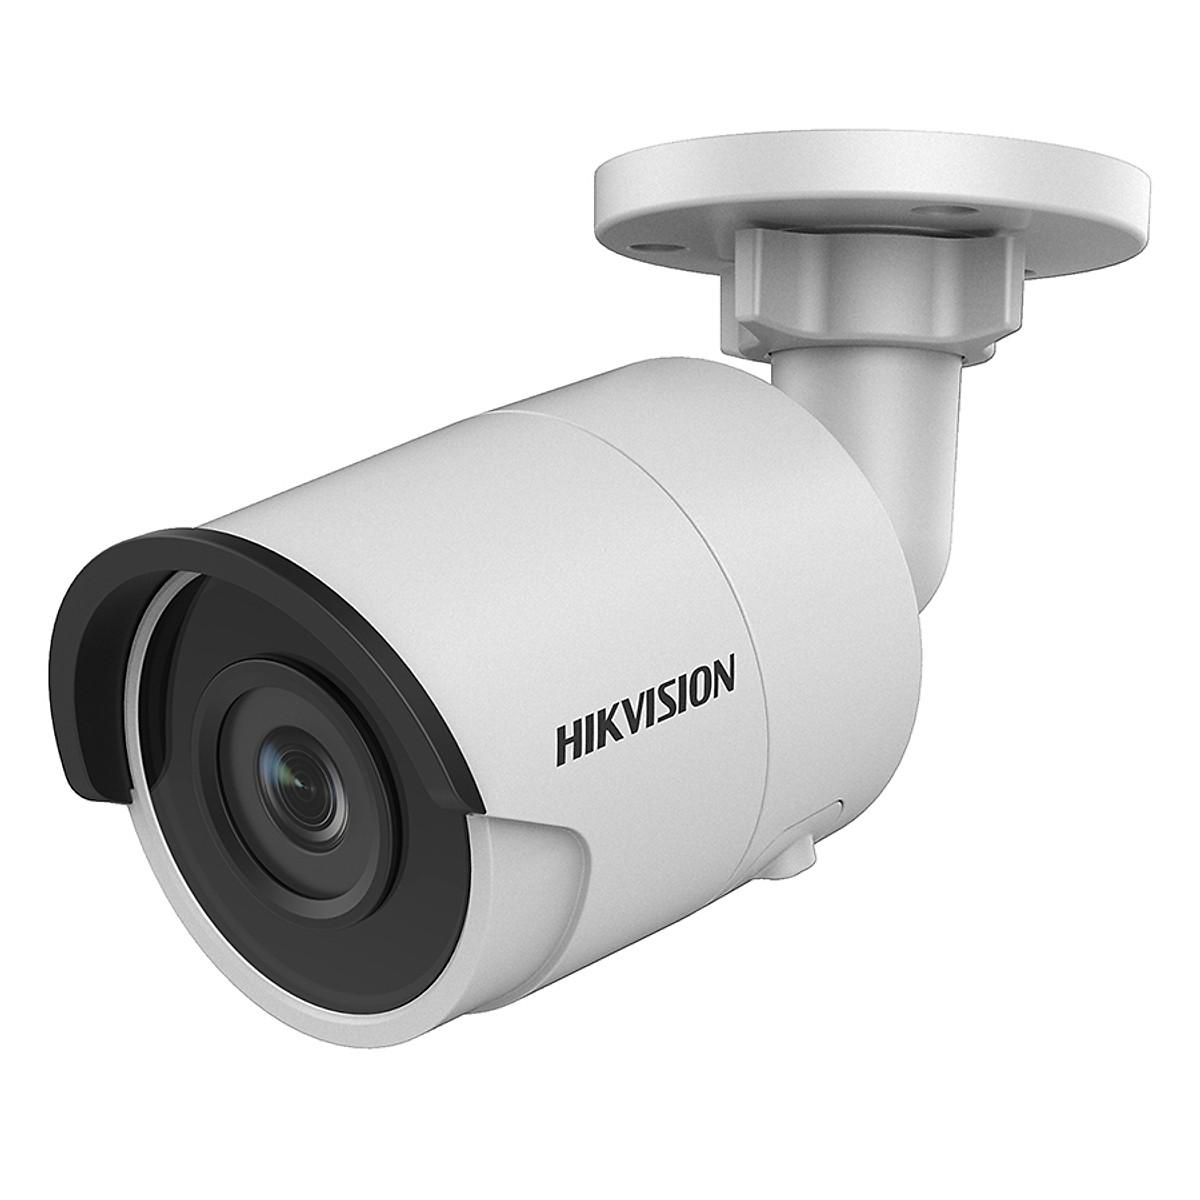 Camera IP Hồng Ngoại 3.0 Megapixel Hikvision DS-2CD2035FWD-I Chống Ngược Sáng - Hàng Chính Hãng